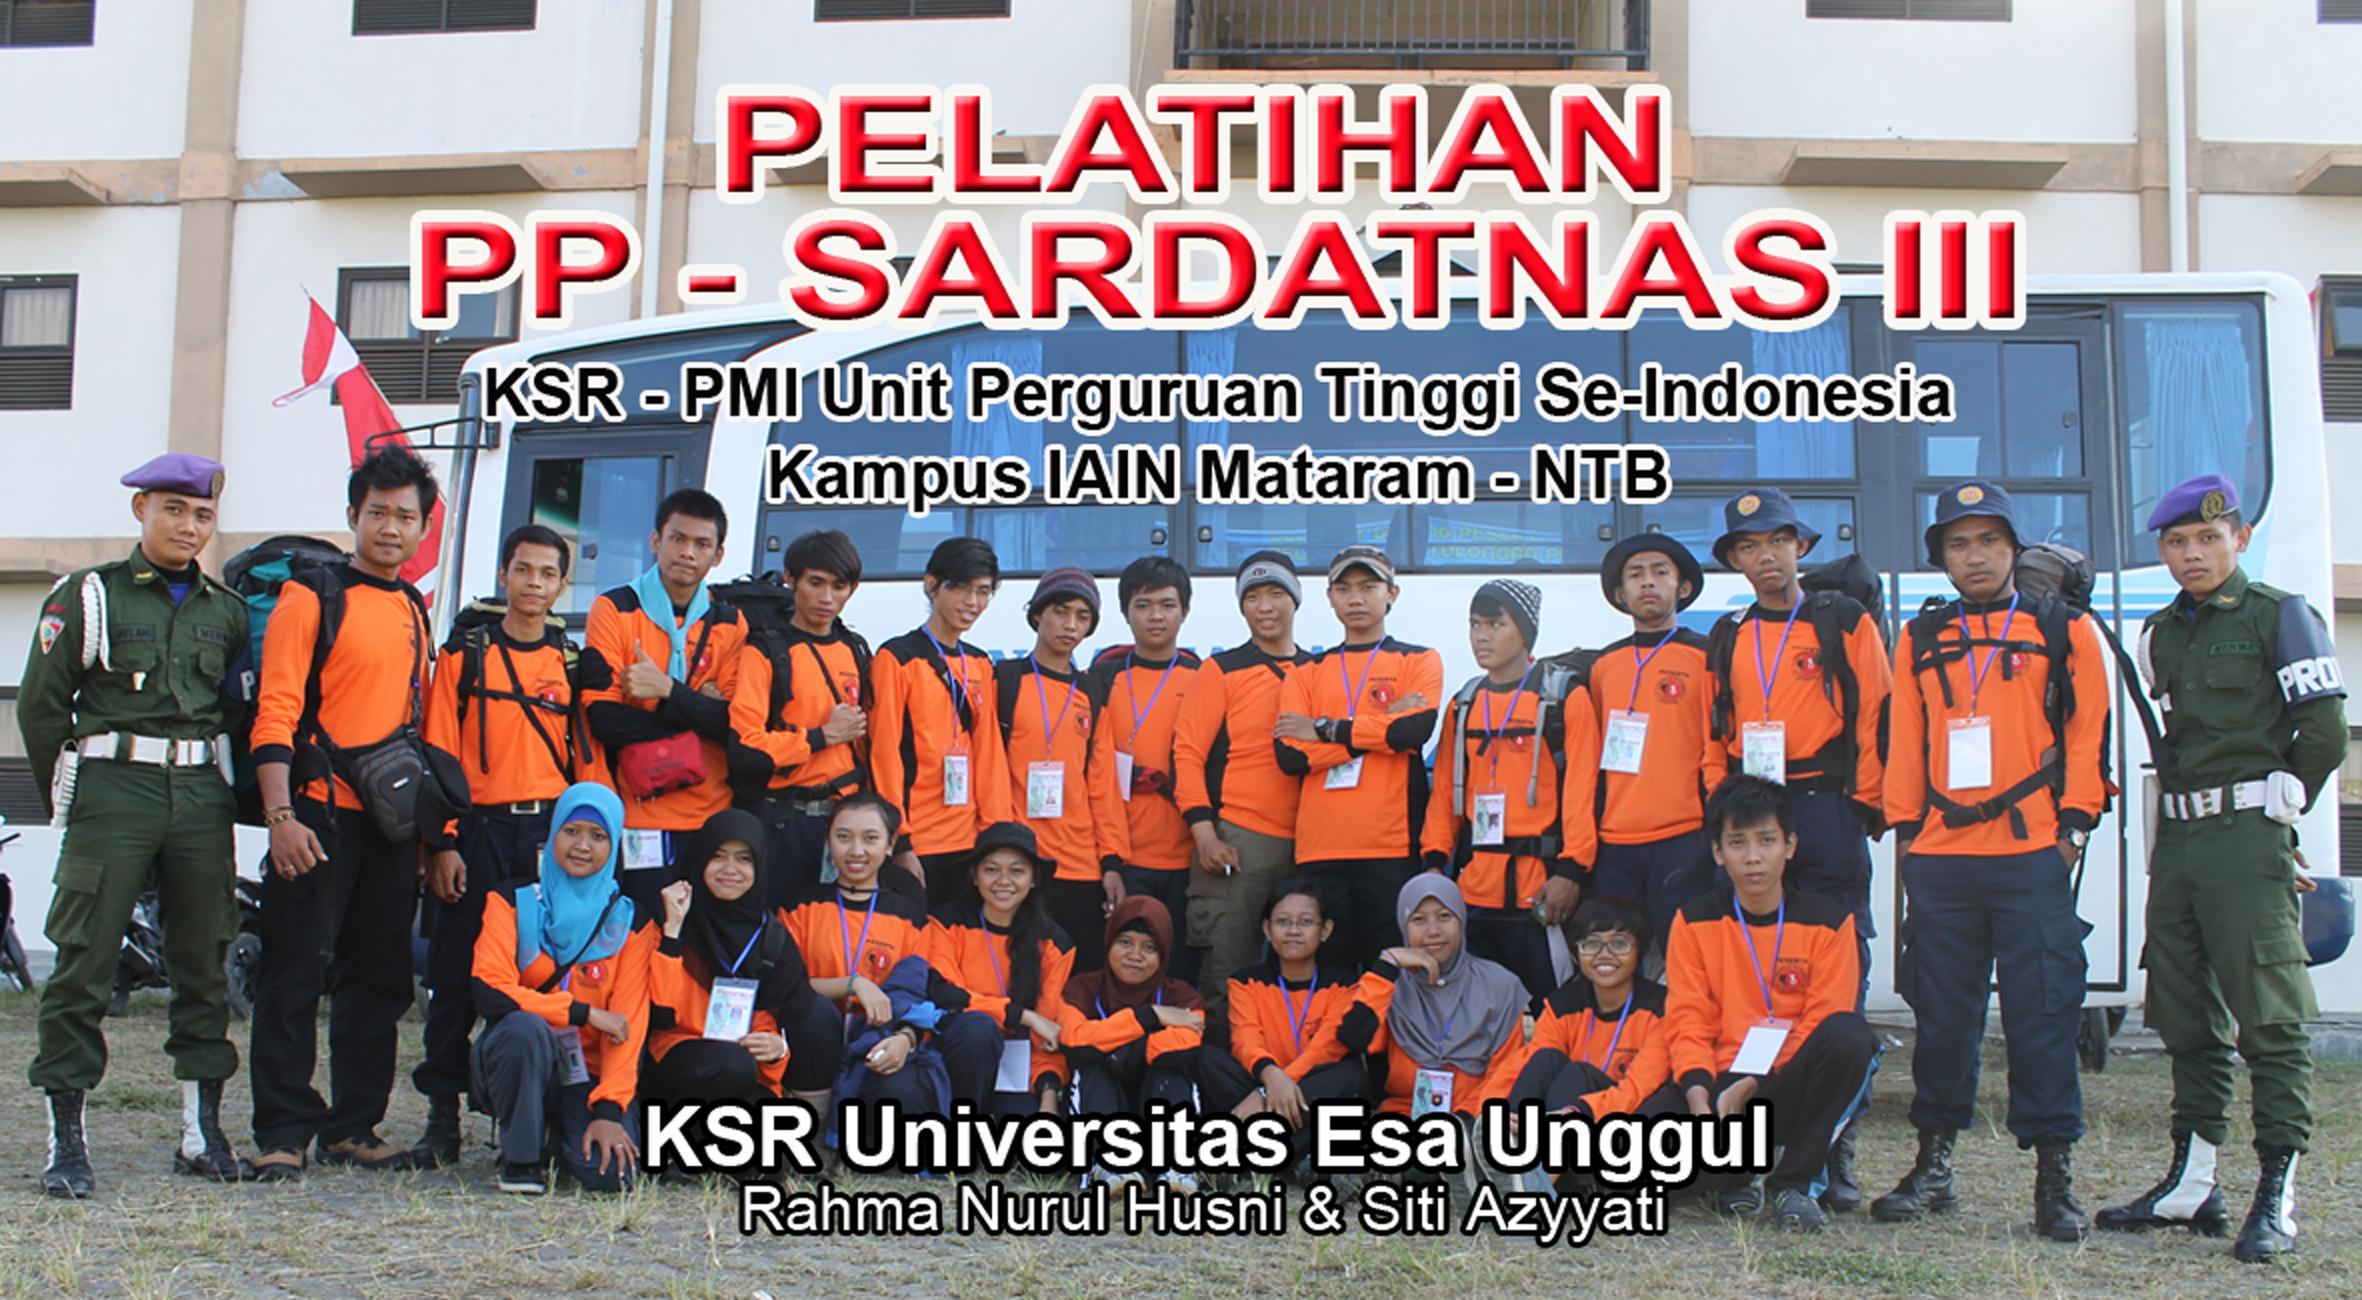 KSR PMI Unit Universitas Esa Unggul  ikut serta dalam Pelatihan PP-SARDATNAS untuk Perguruan Tinggi Seluruh Indonesia